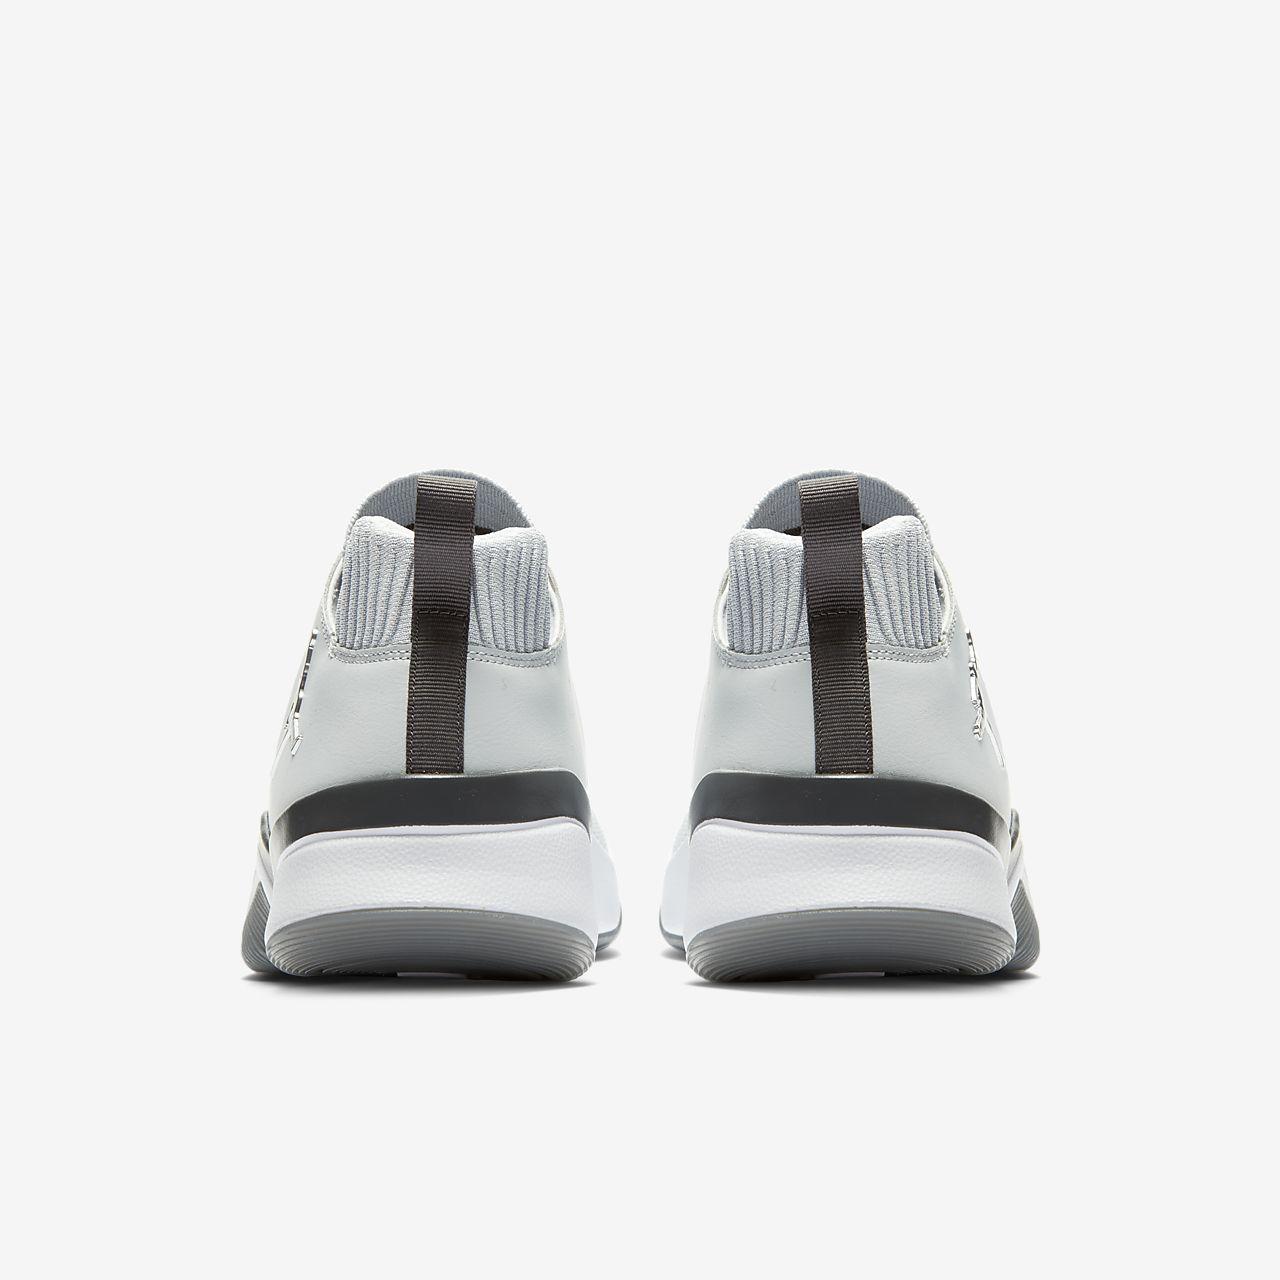 e555b69ca96 Jordan DNA LX Men s Shoe. Nike.com PT